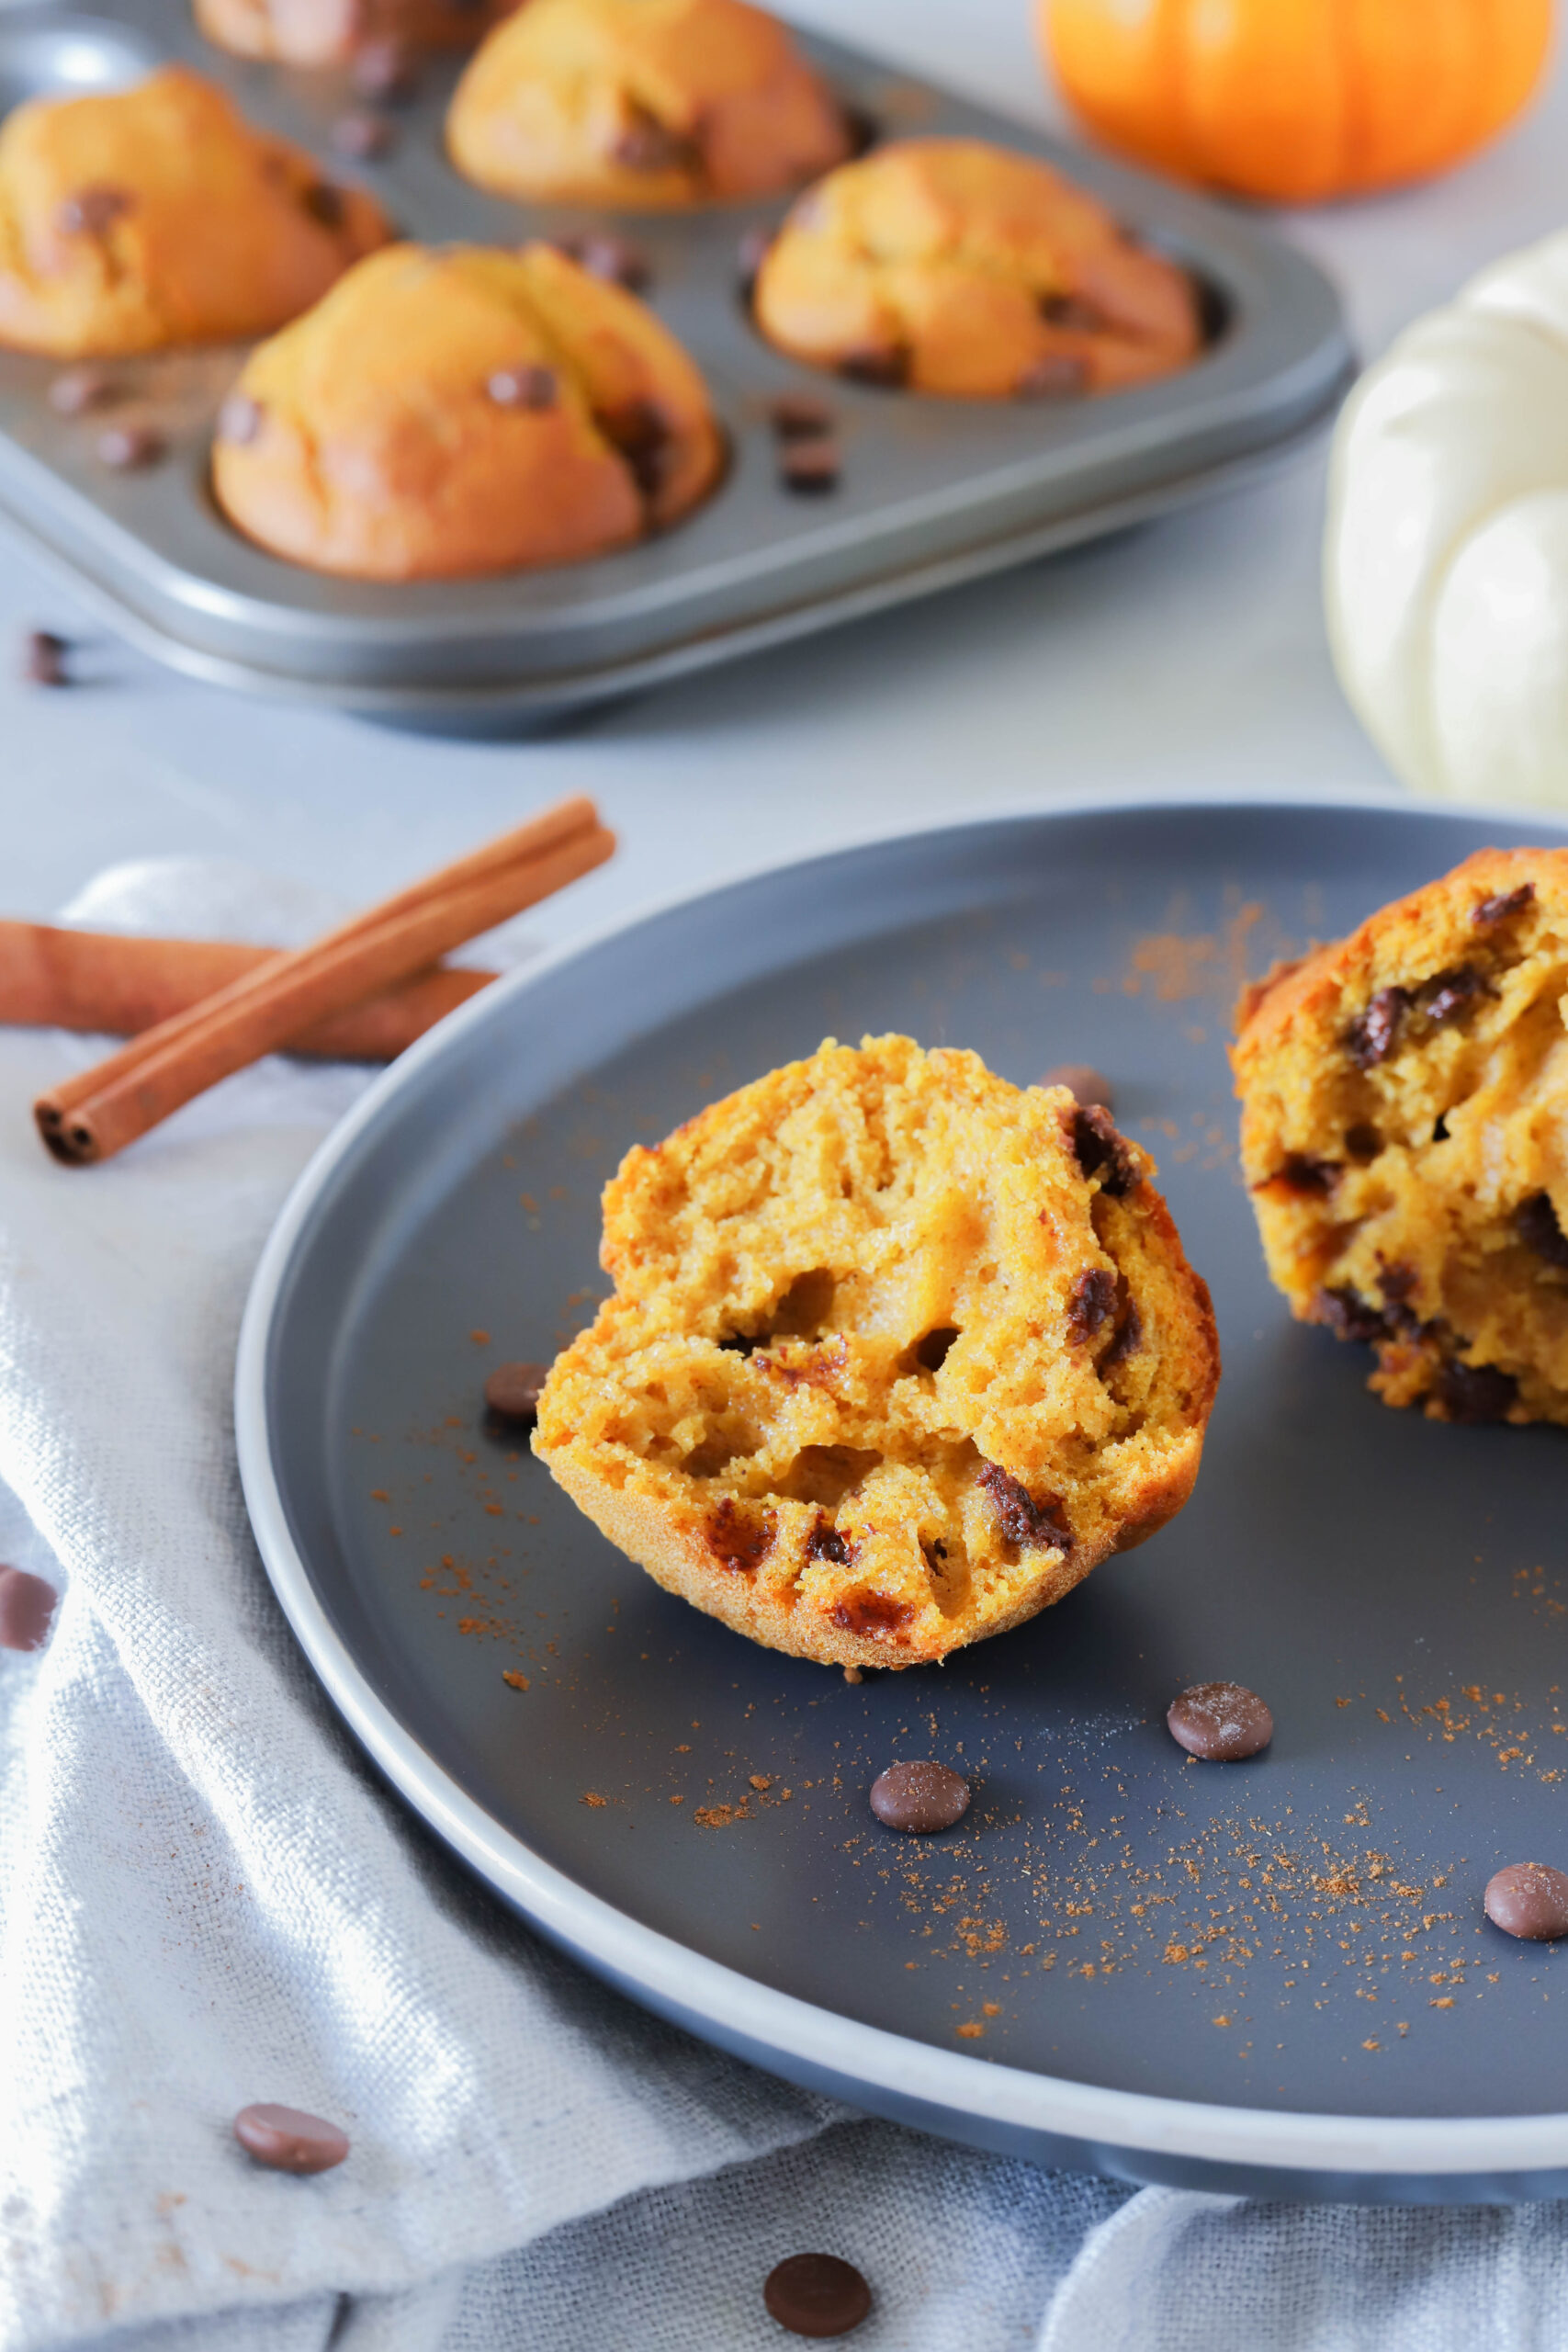 Schnelle Kürbismuffins - schmecken nicht nur Kindern und sind super schnell zubereitet.